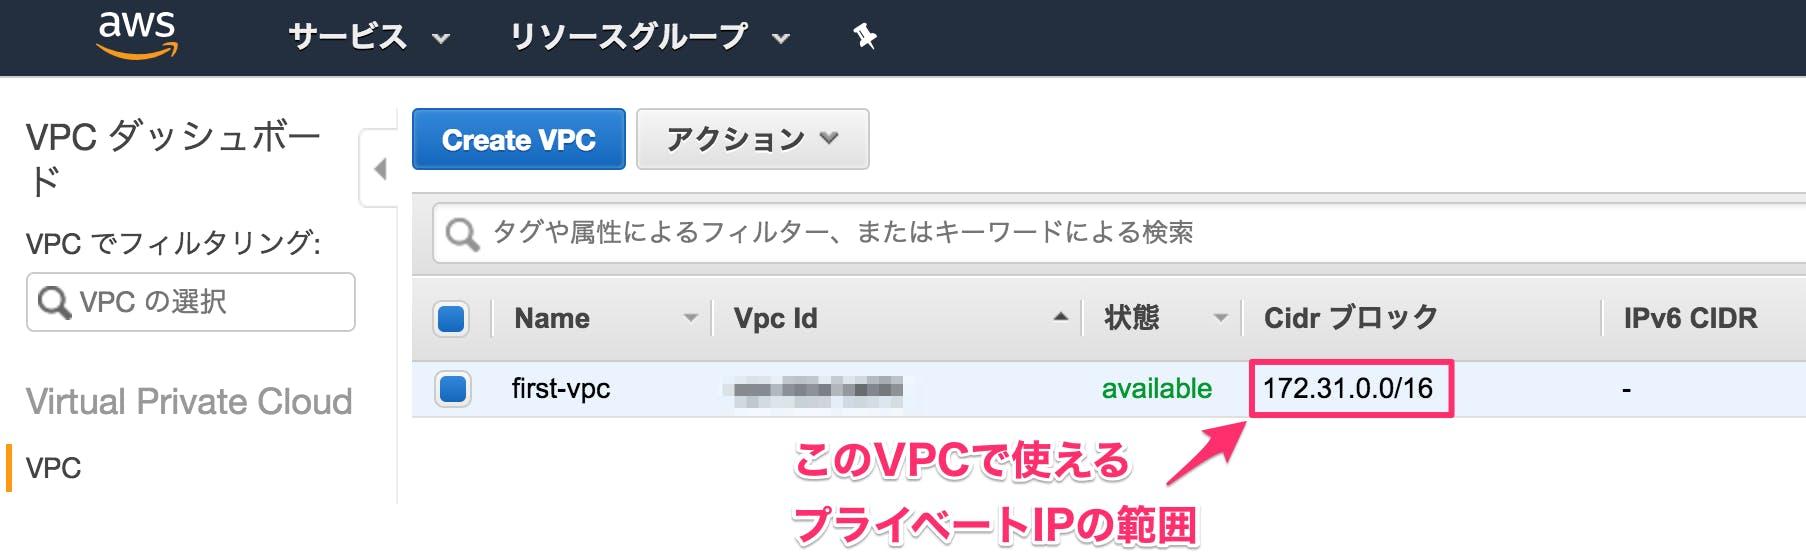 vpcs___VPC_Management_Console.png